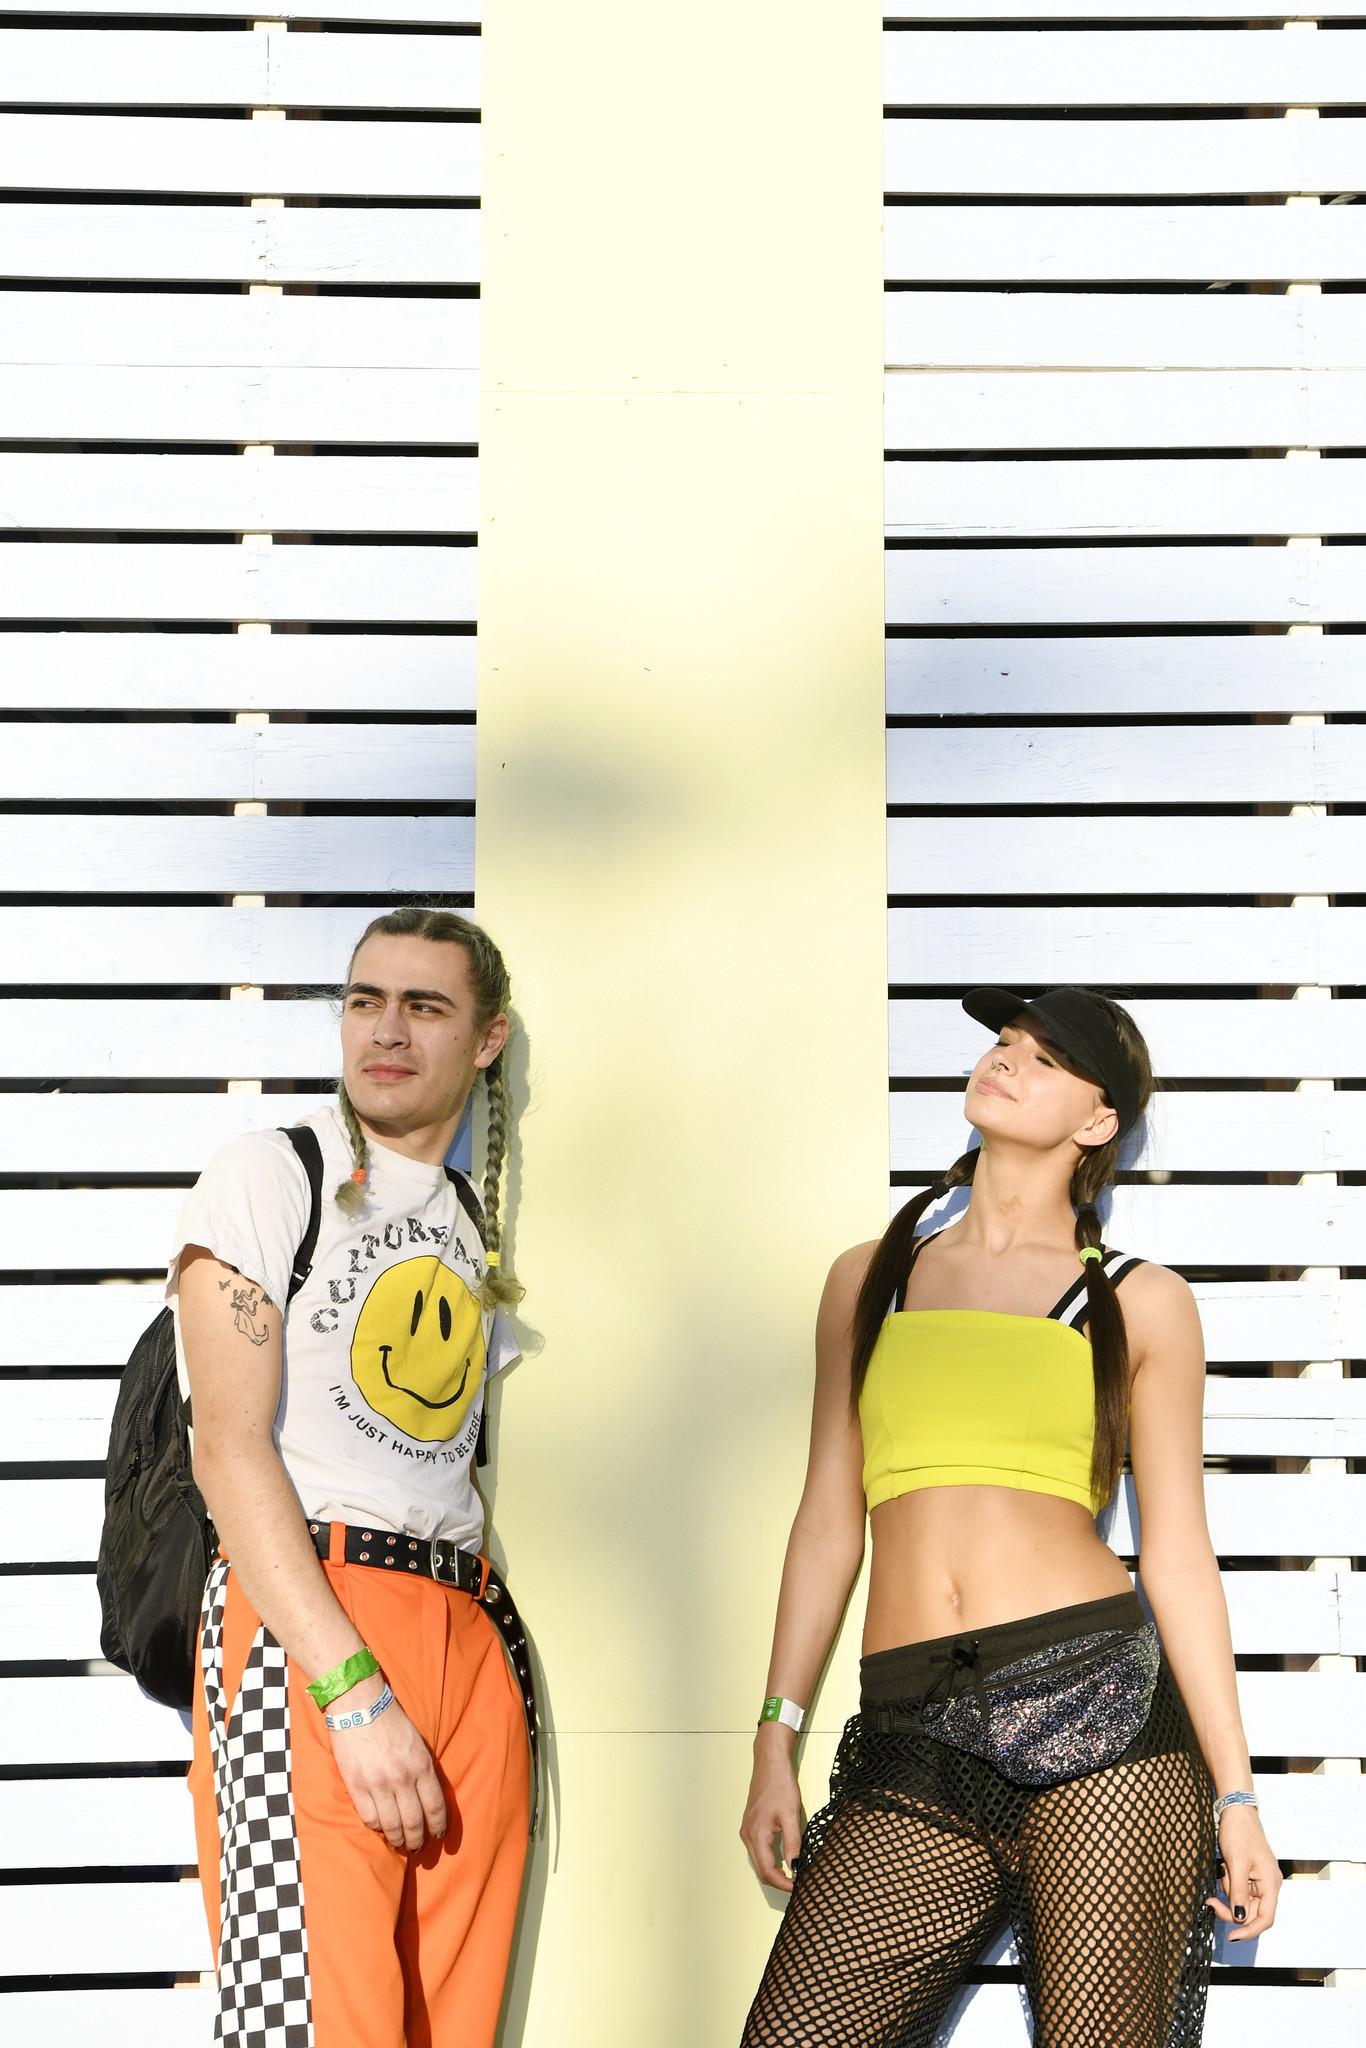 Nikolas Painter and Kathleen McNutt